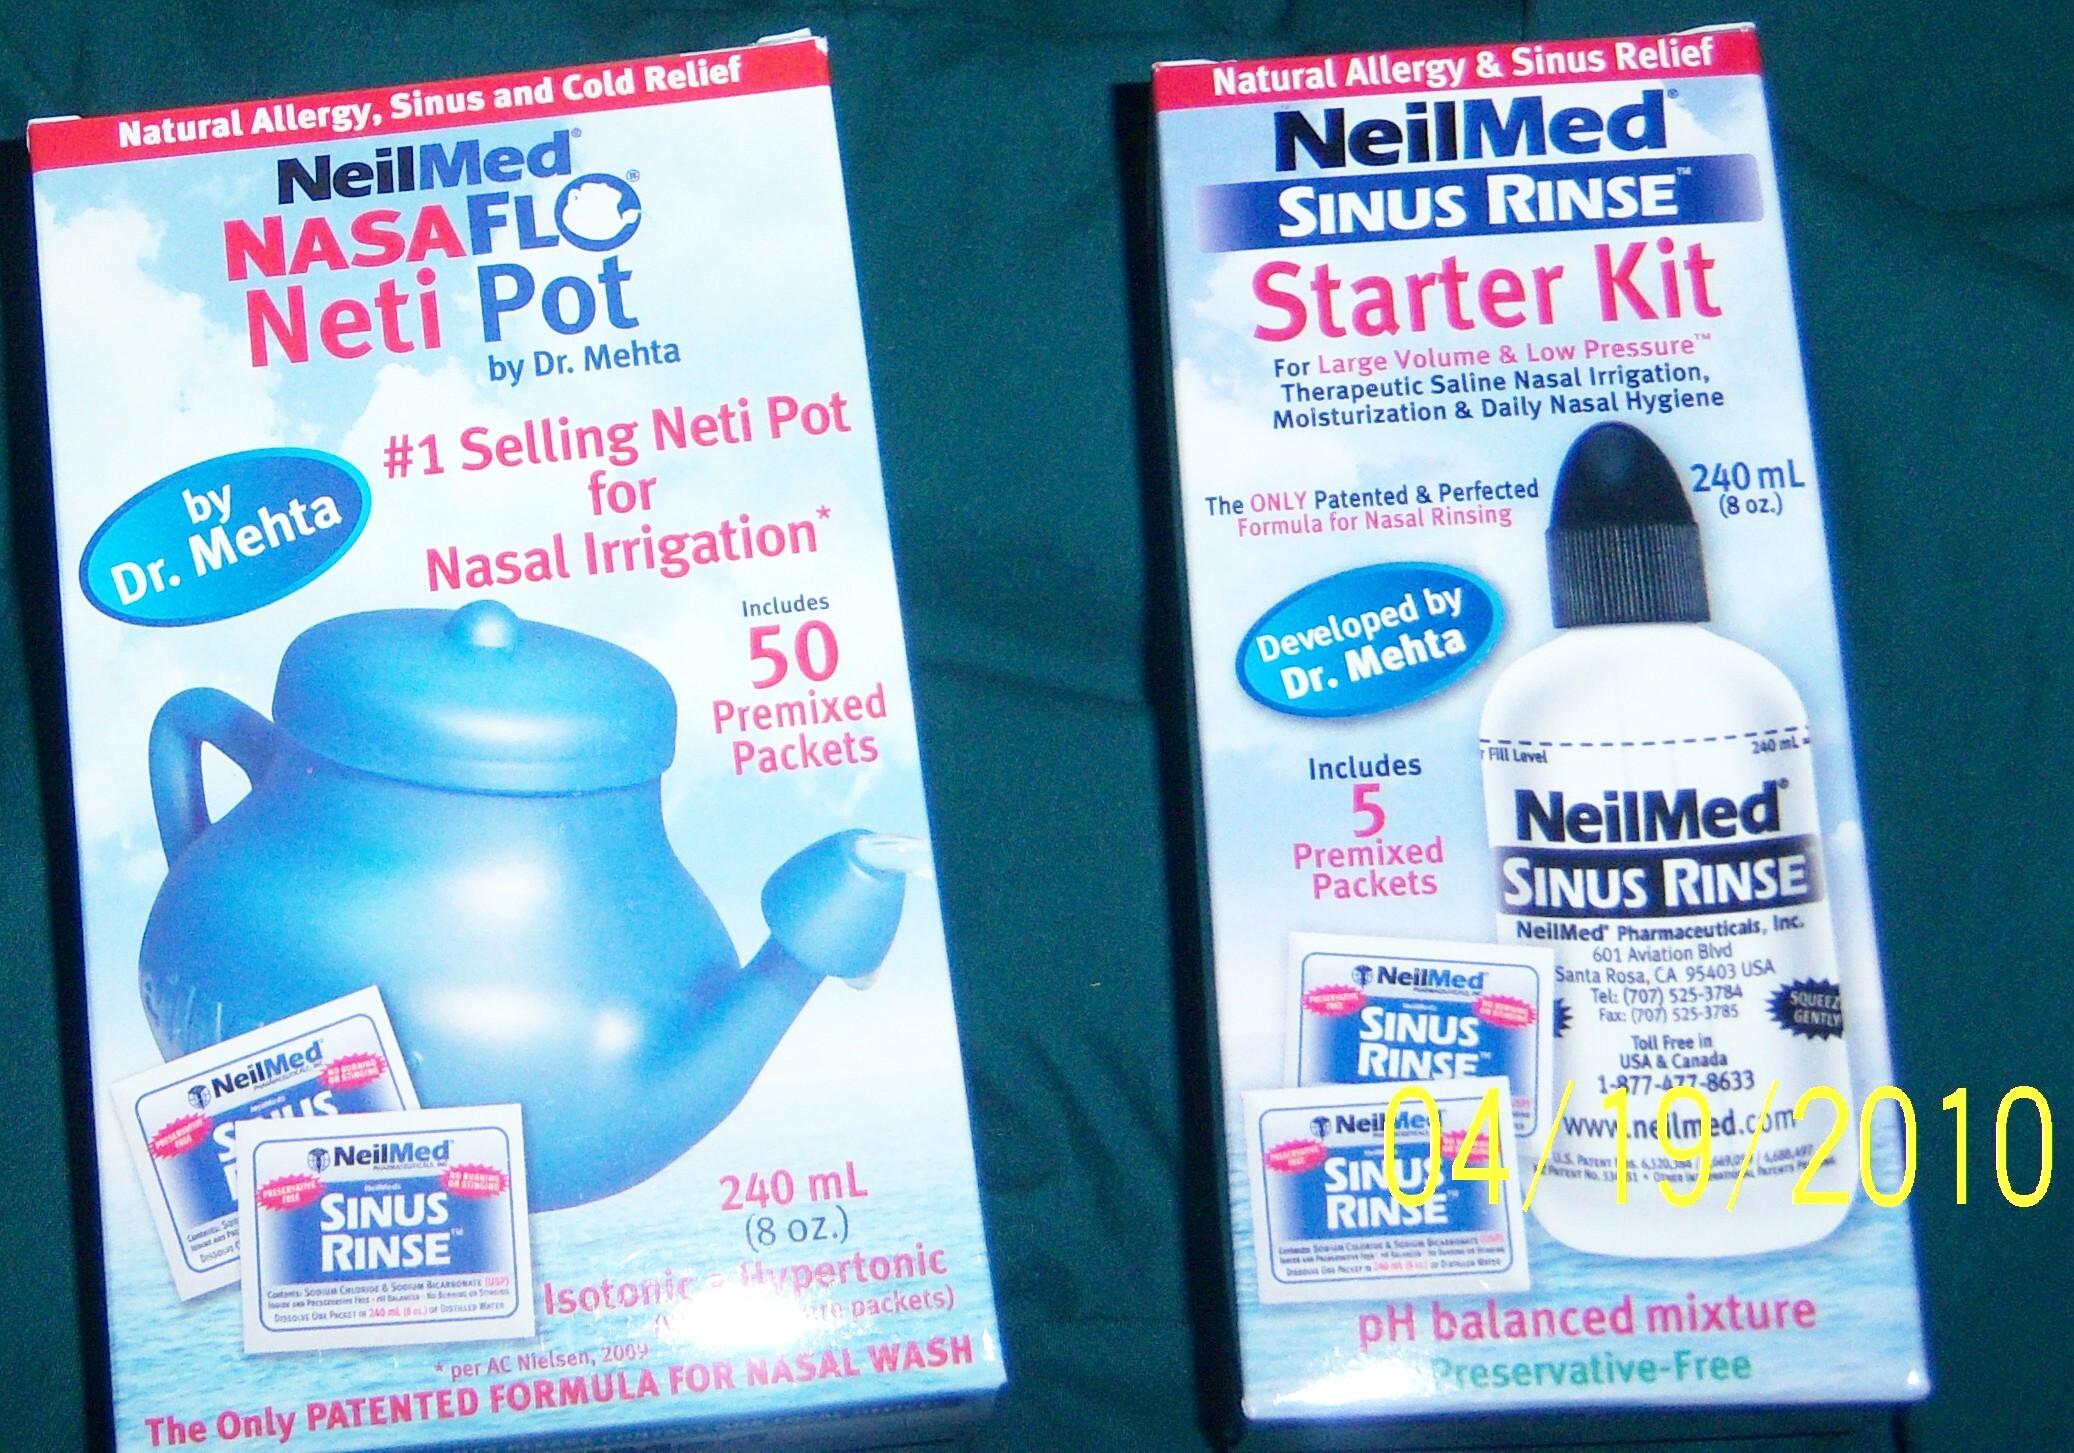 neilmed nasaflo neti pot and sinus rinse kit